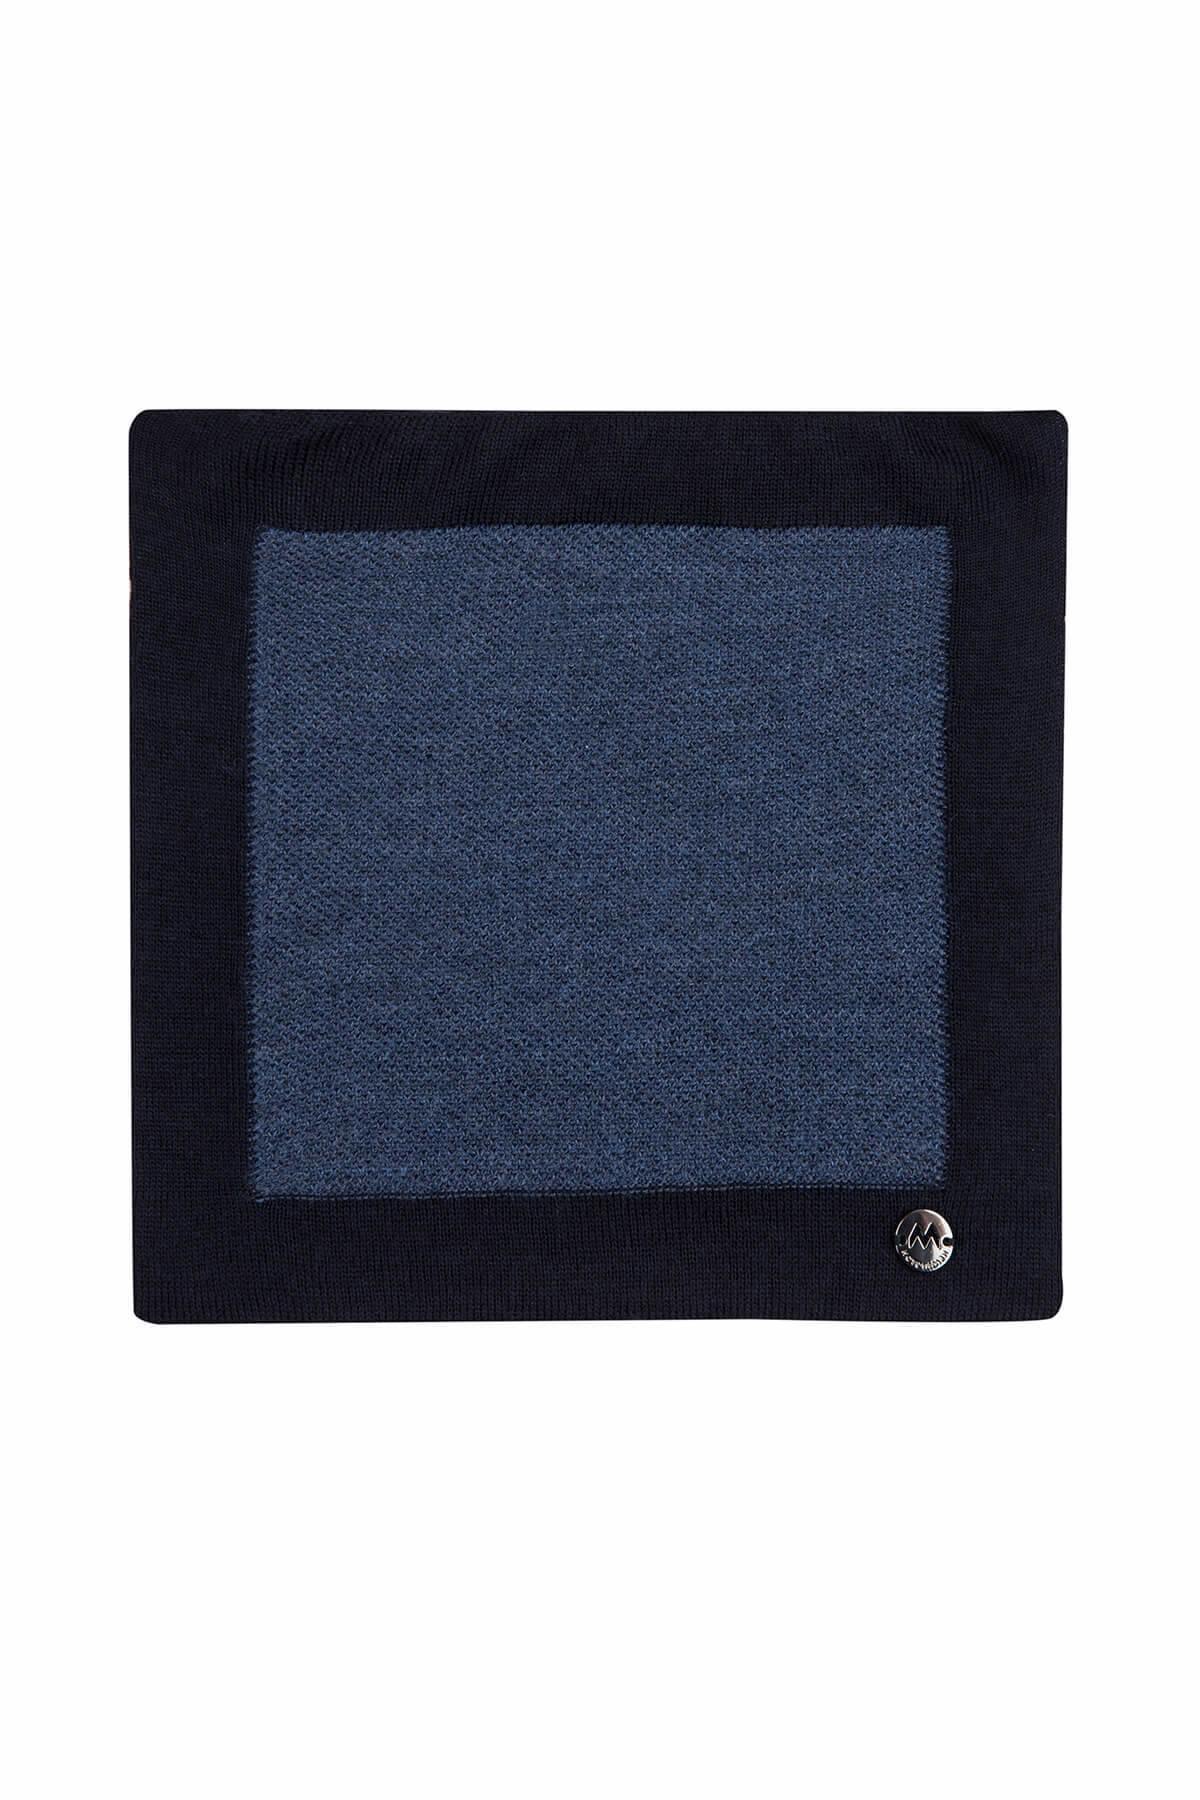 Koyu Mavi Örgü Ceket Mendili